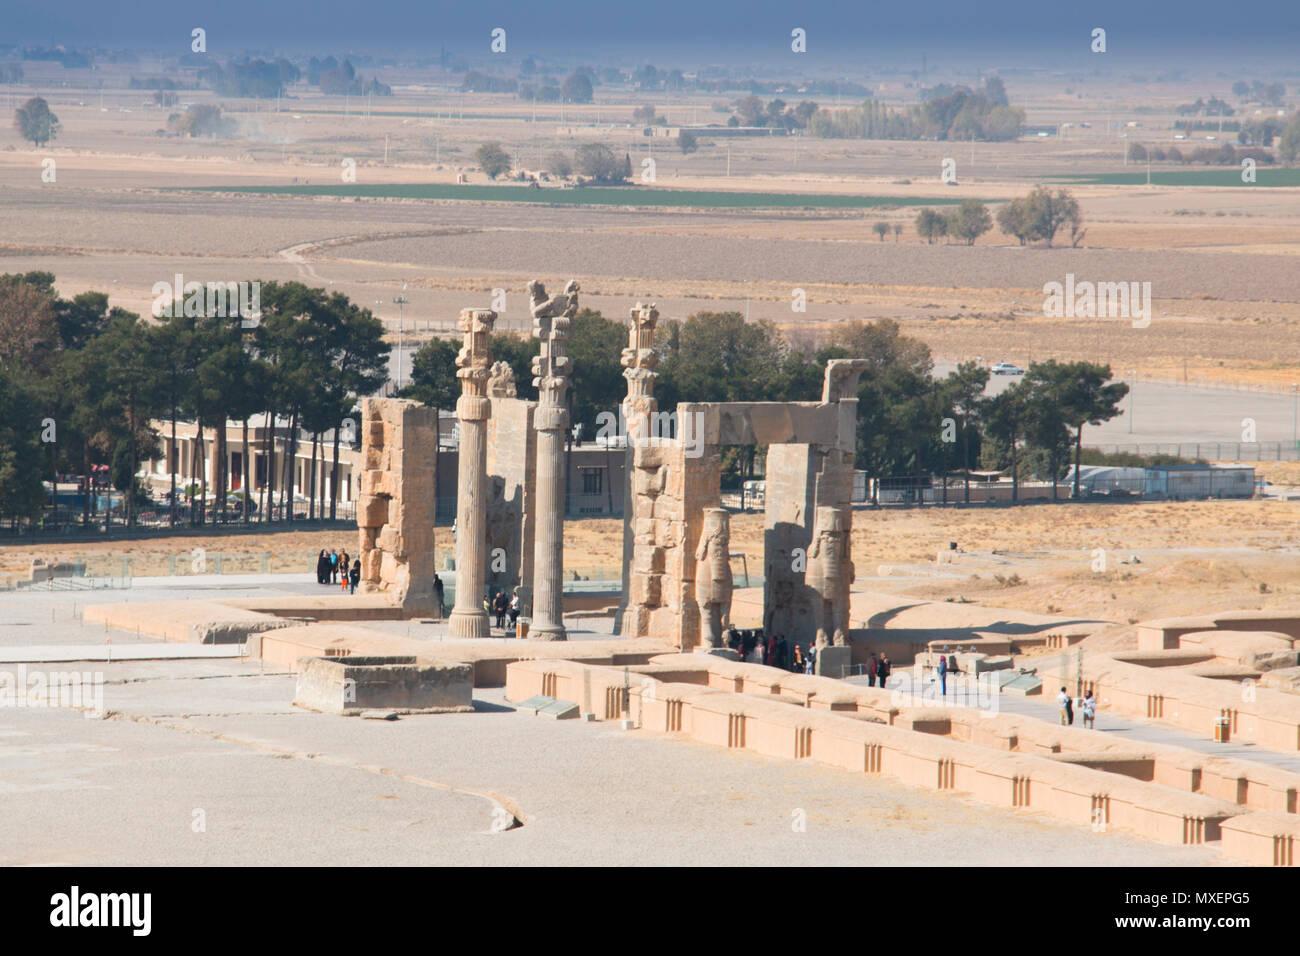 Persépolis, Irán - Noviembre 2017: Puerta de todas las naciones en la antigua ciudad de Persépolis fue una vez la capital del imperio aqueménido y es ahora la UNESCO h Imagen De Stock